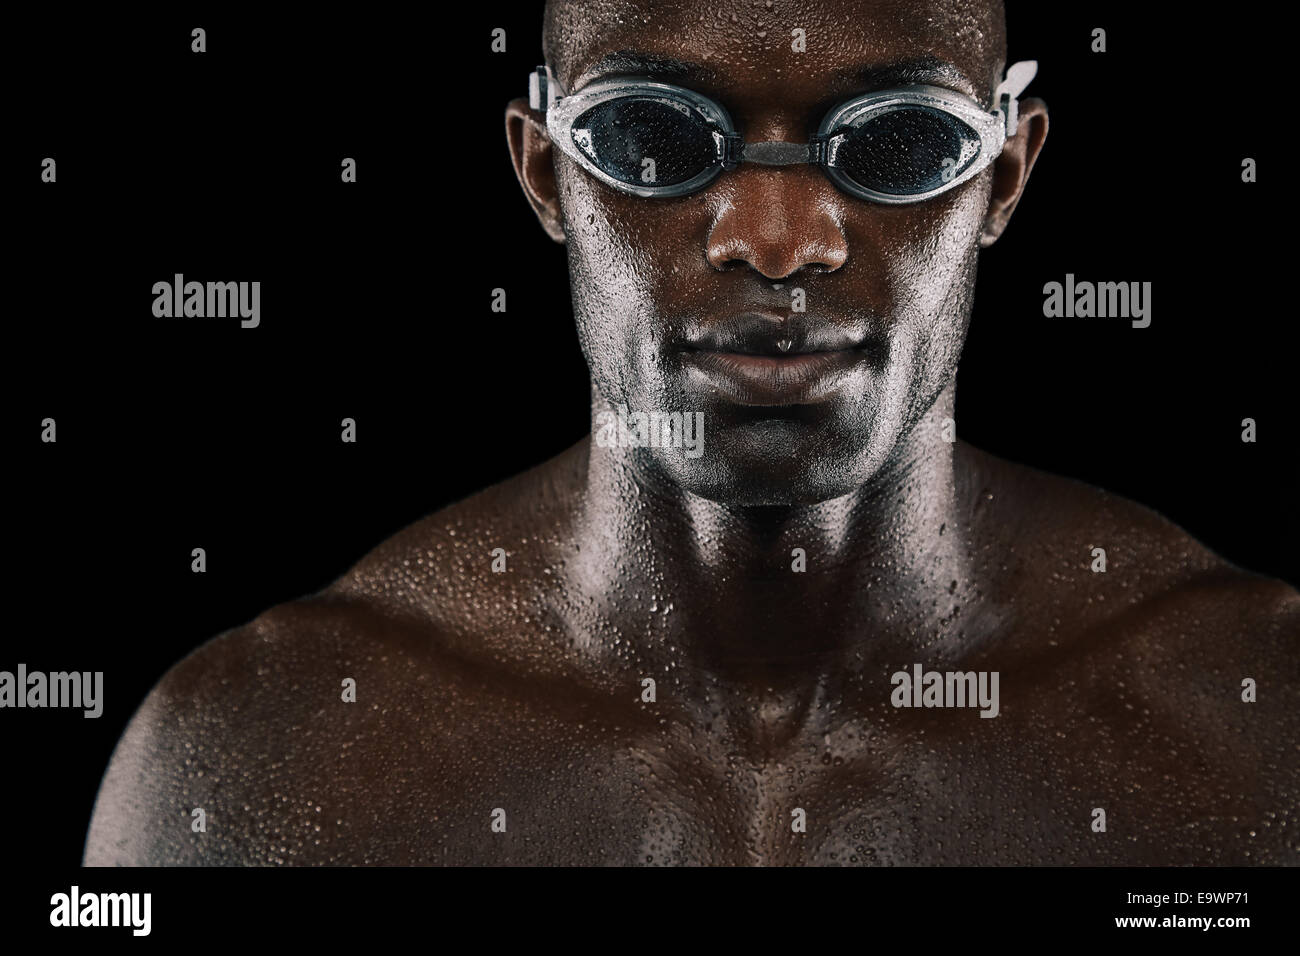 Jeune homme africain avec des lunettes de natation sur fond noir isolé. Corps humide avec un nageur. Photo Stock